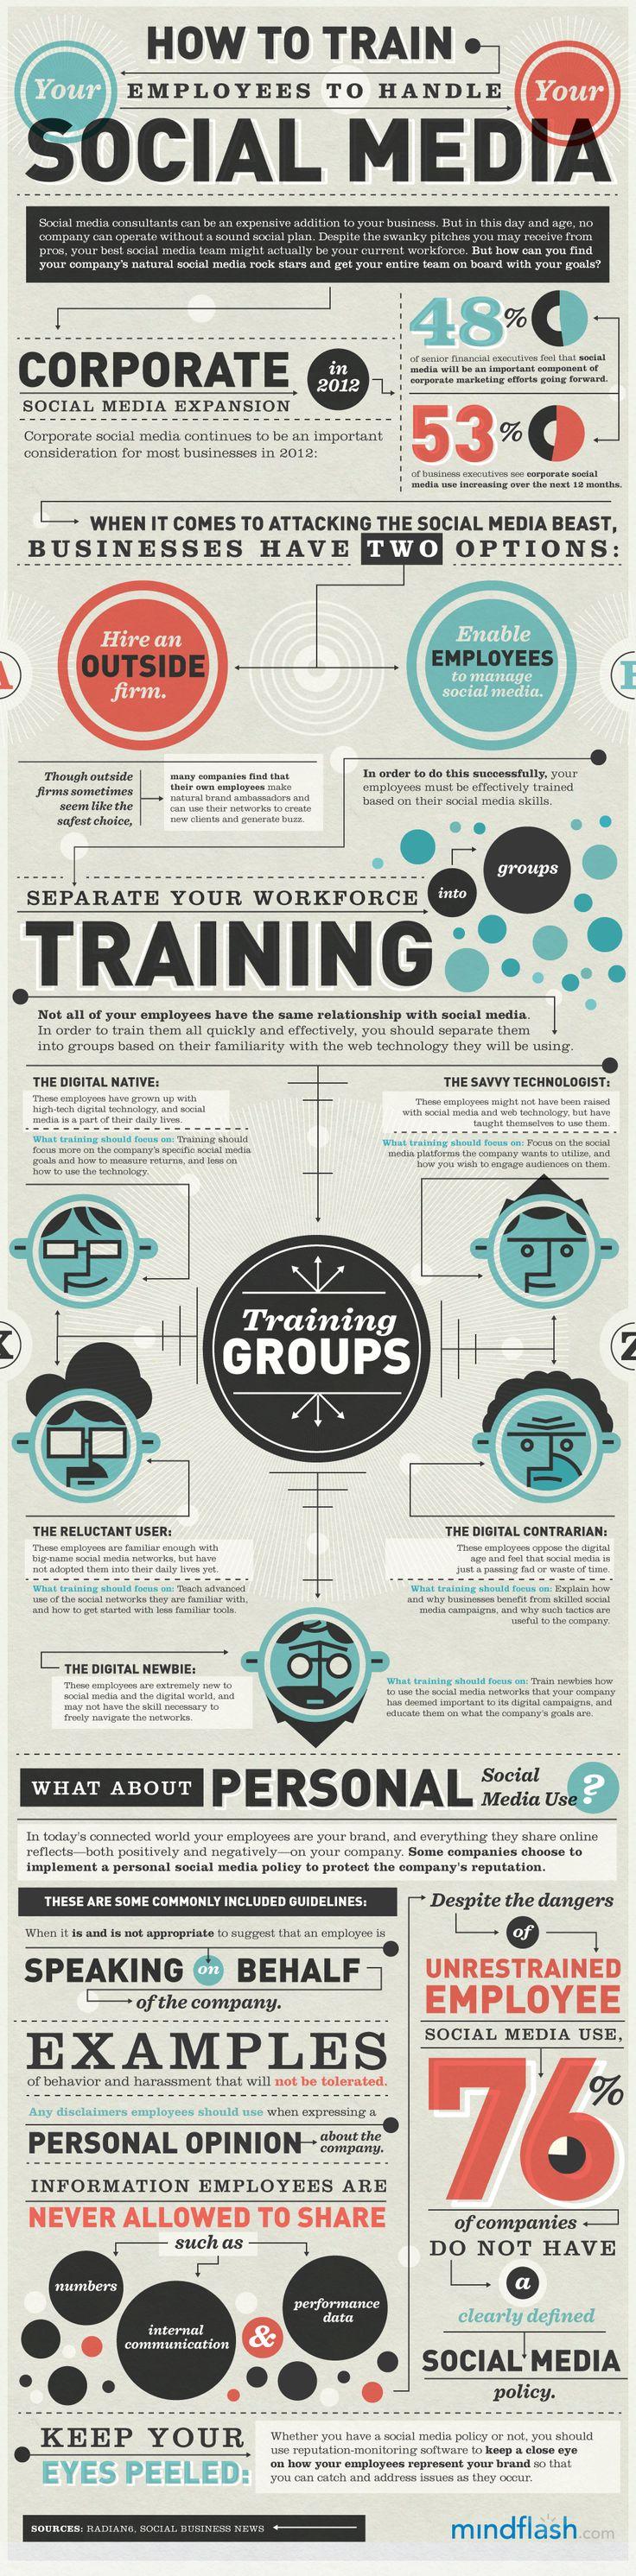 Social media, fai-da-te o in outsourcing? [INFOGRAFICA]